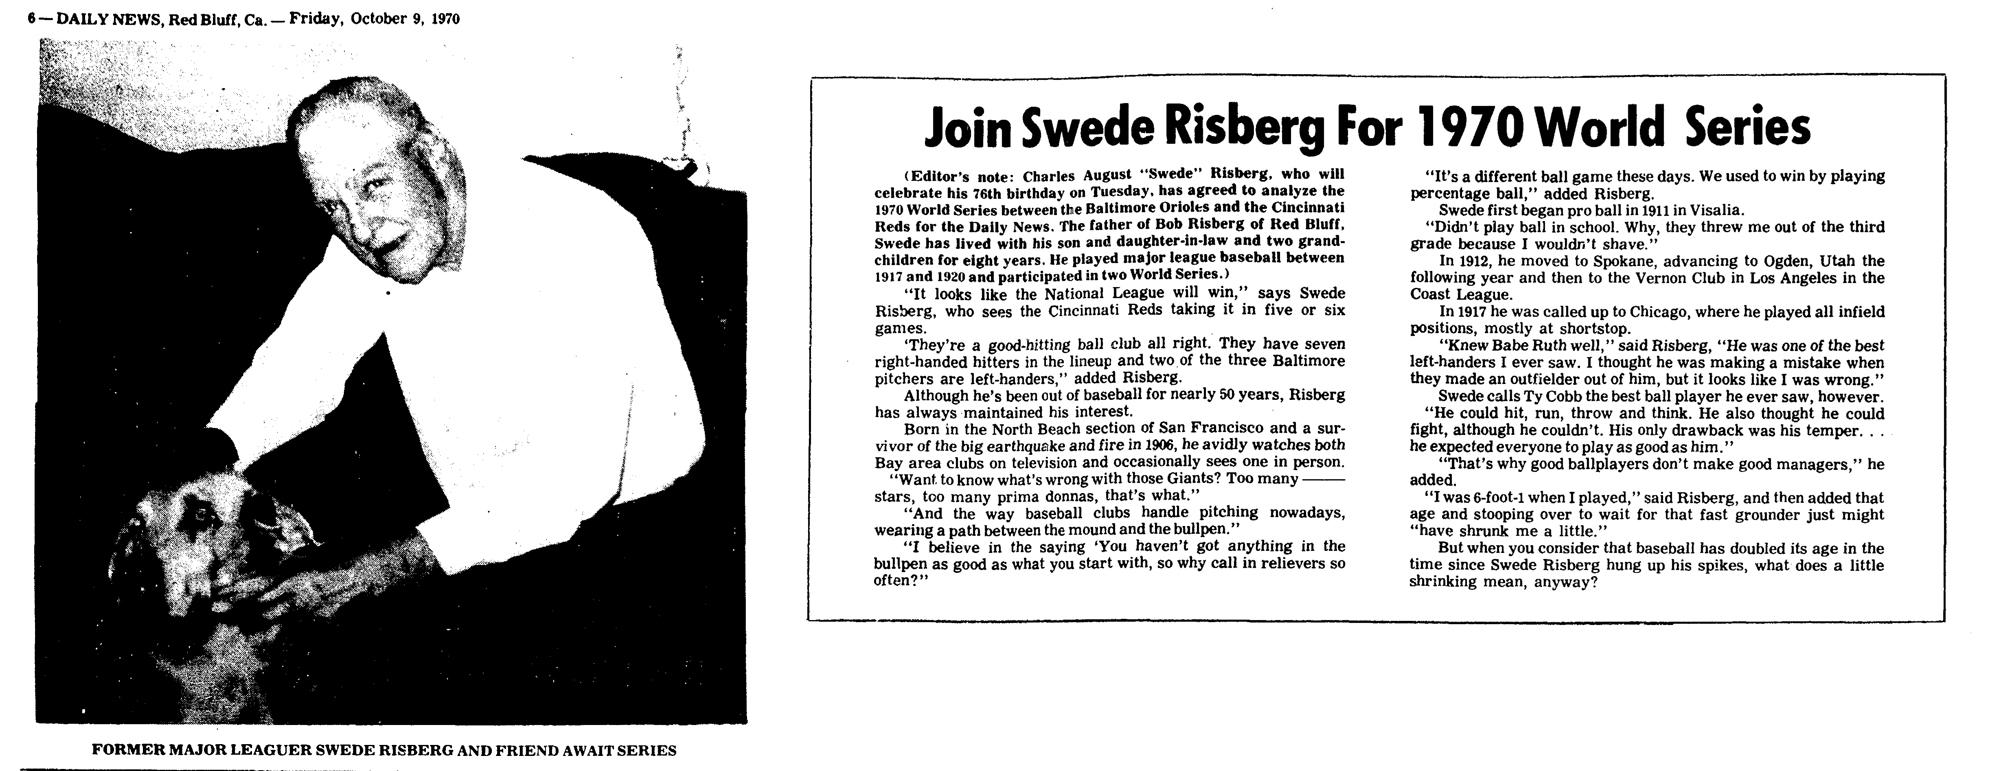 Swede Risberg, 1970